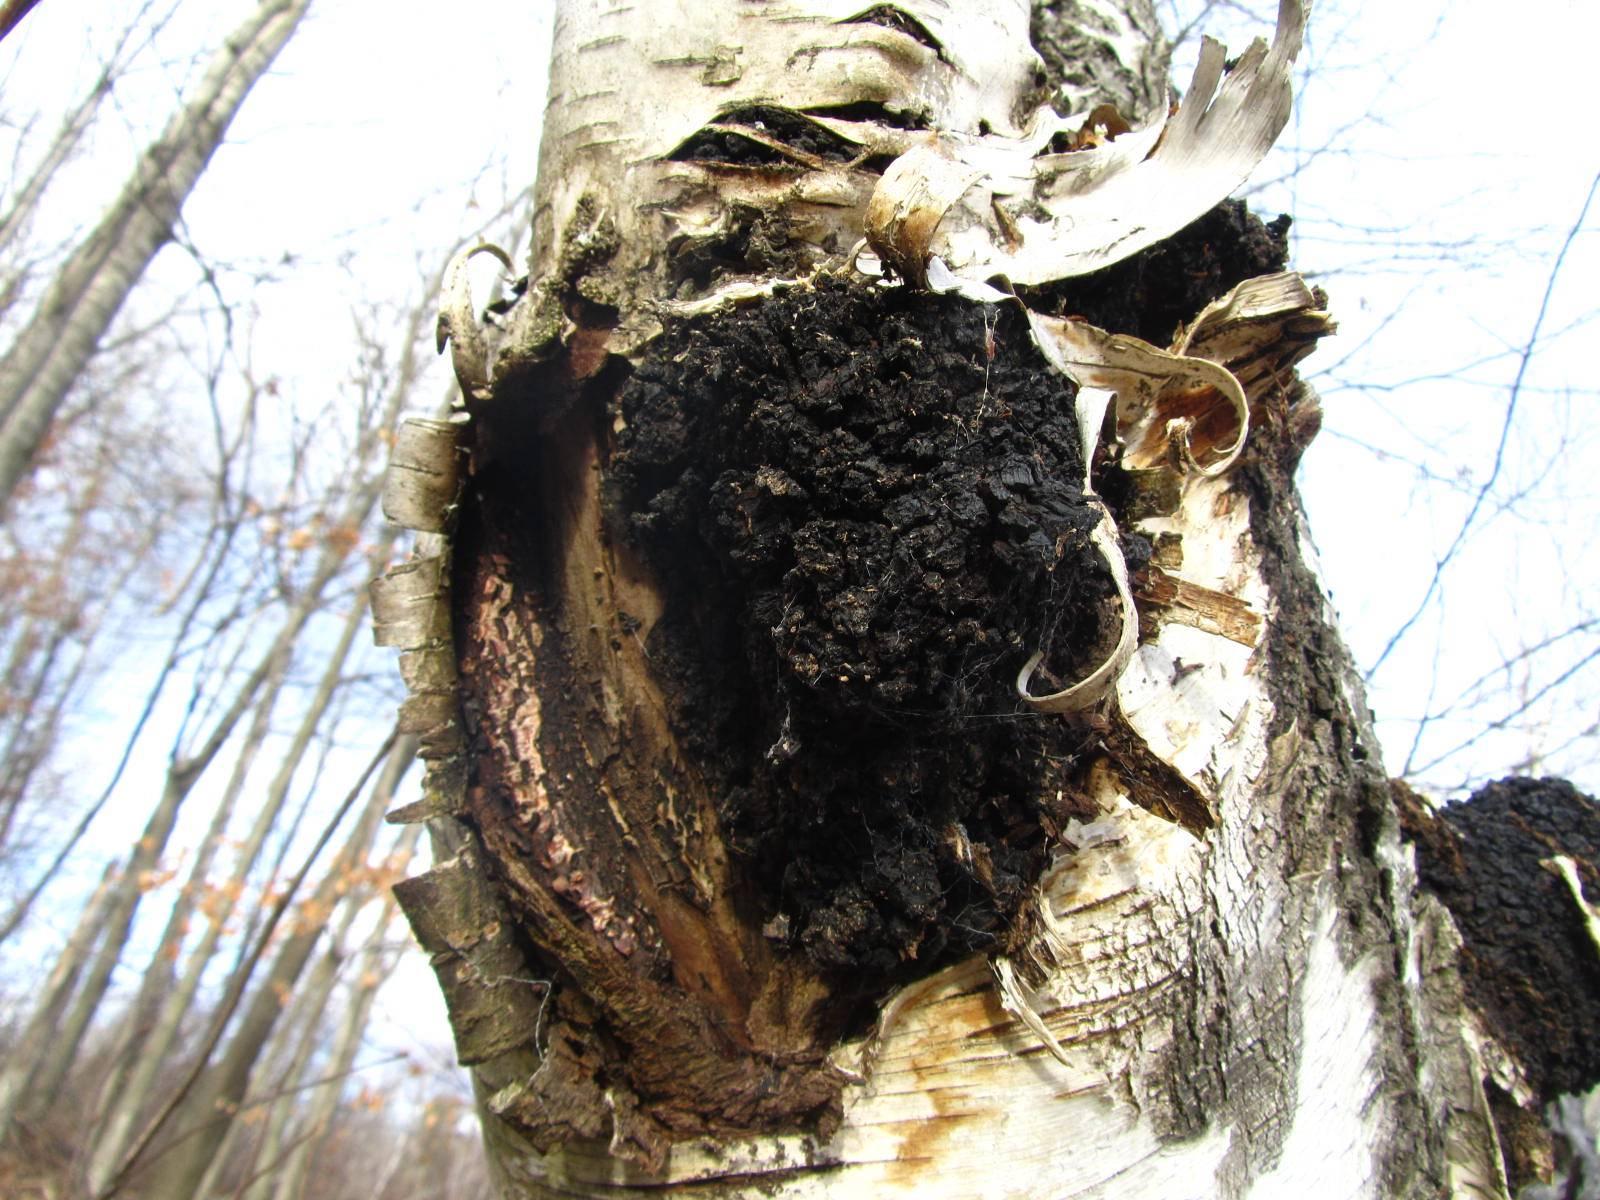 Chaga Mushroom (Inonotus obliquus)